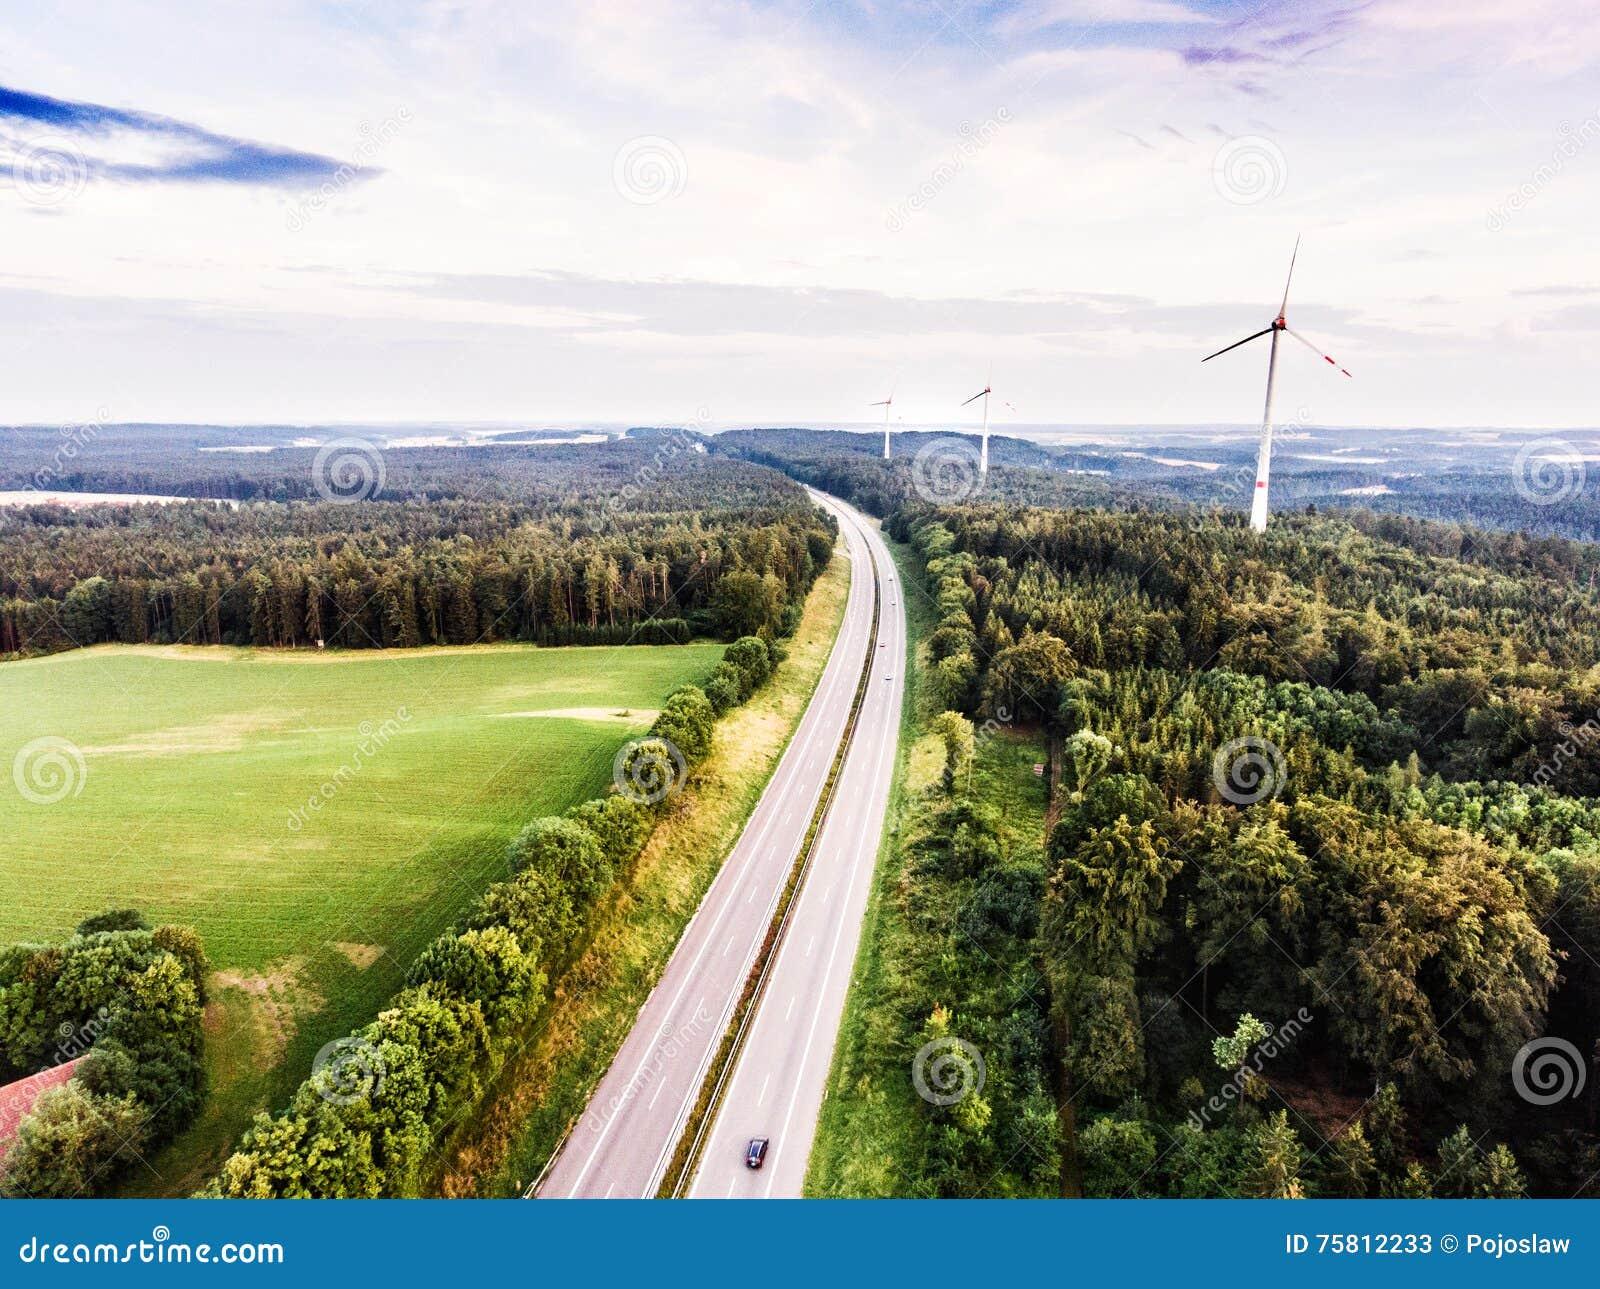 Strada principale in foresta verde, mulini a vento, cielo nuvoloso netherlands